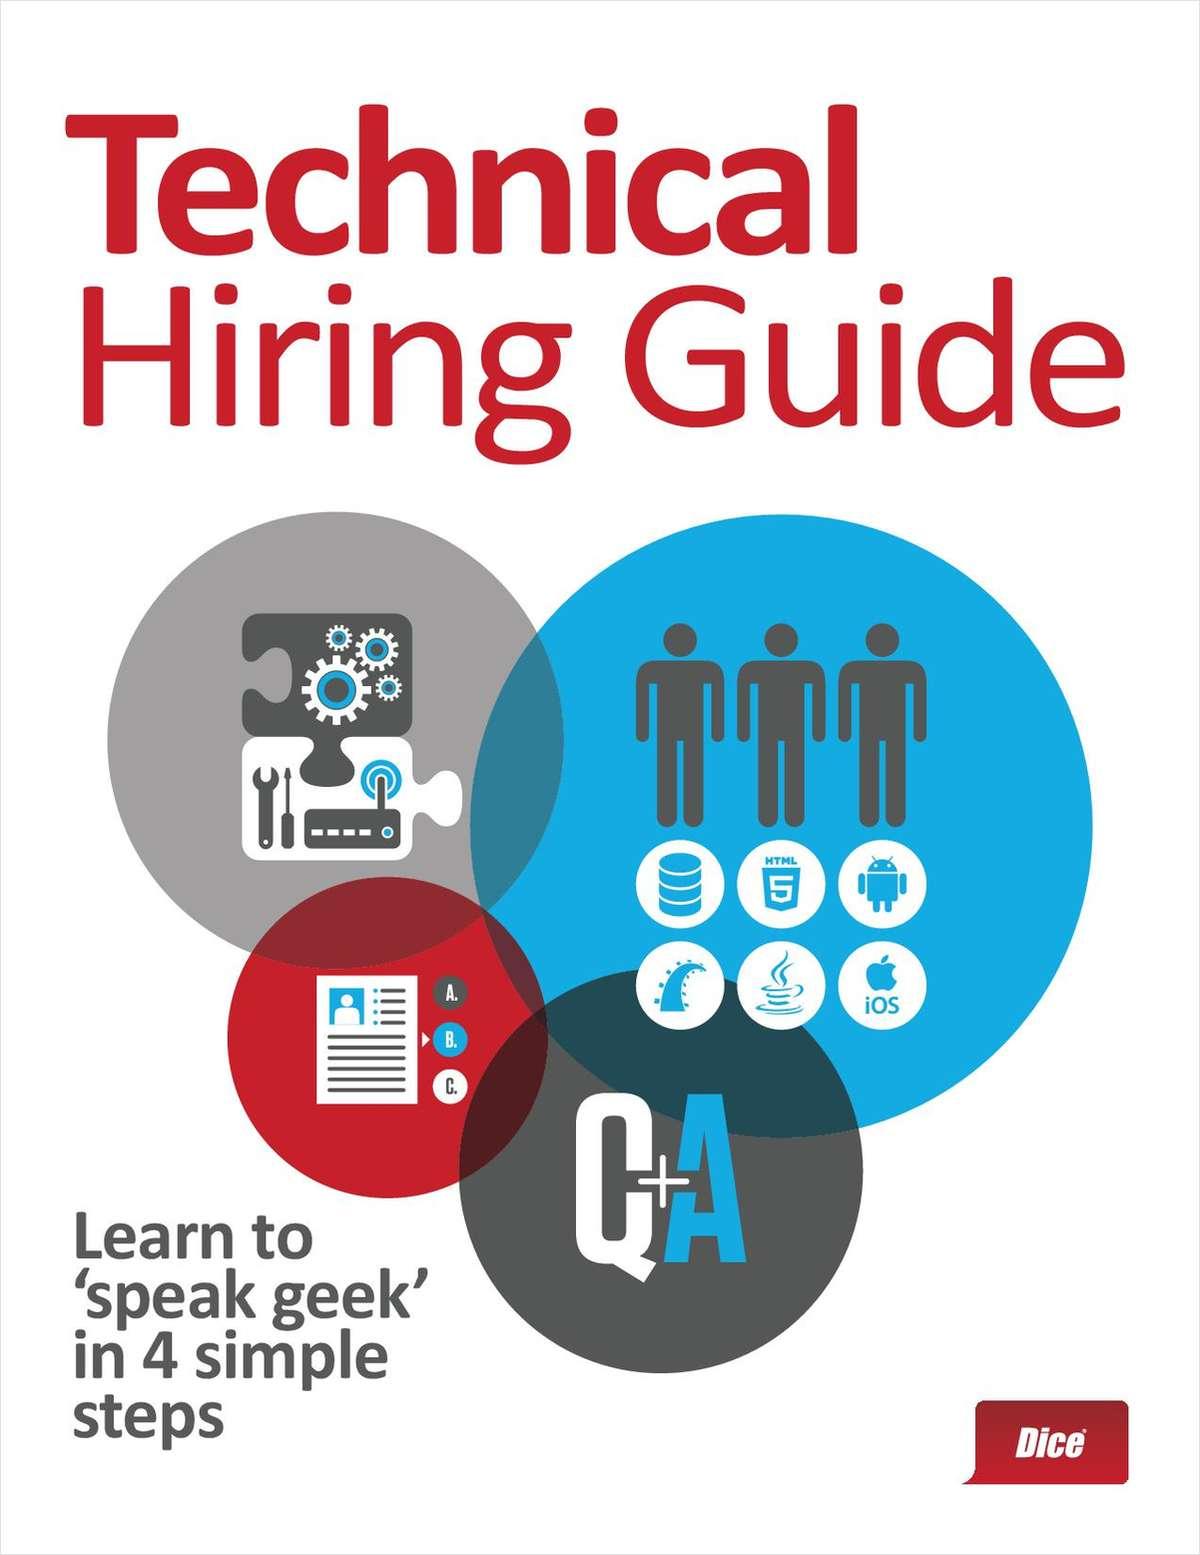 Tech Hiring Guide